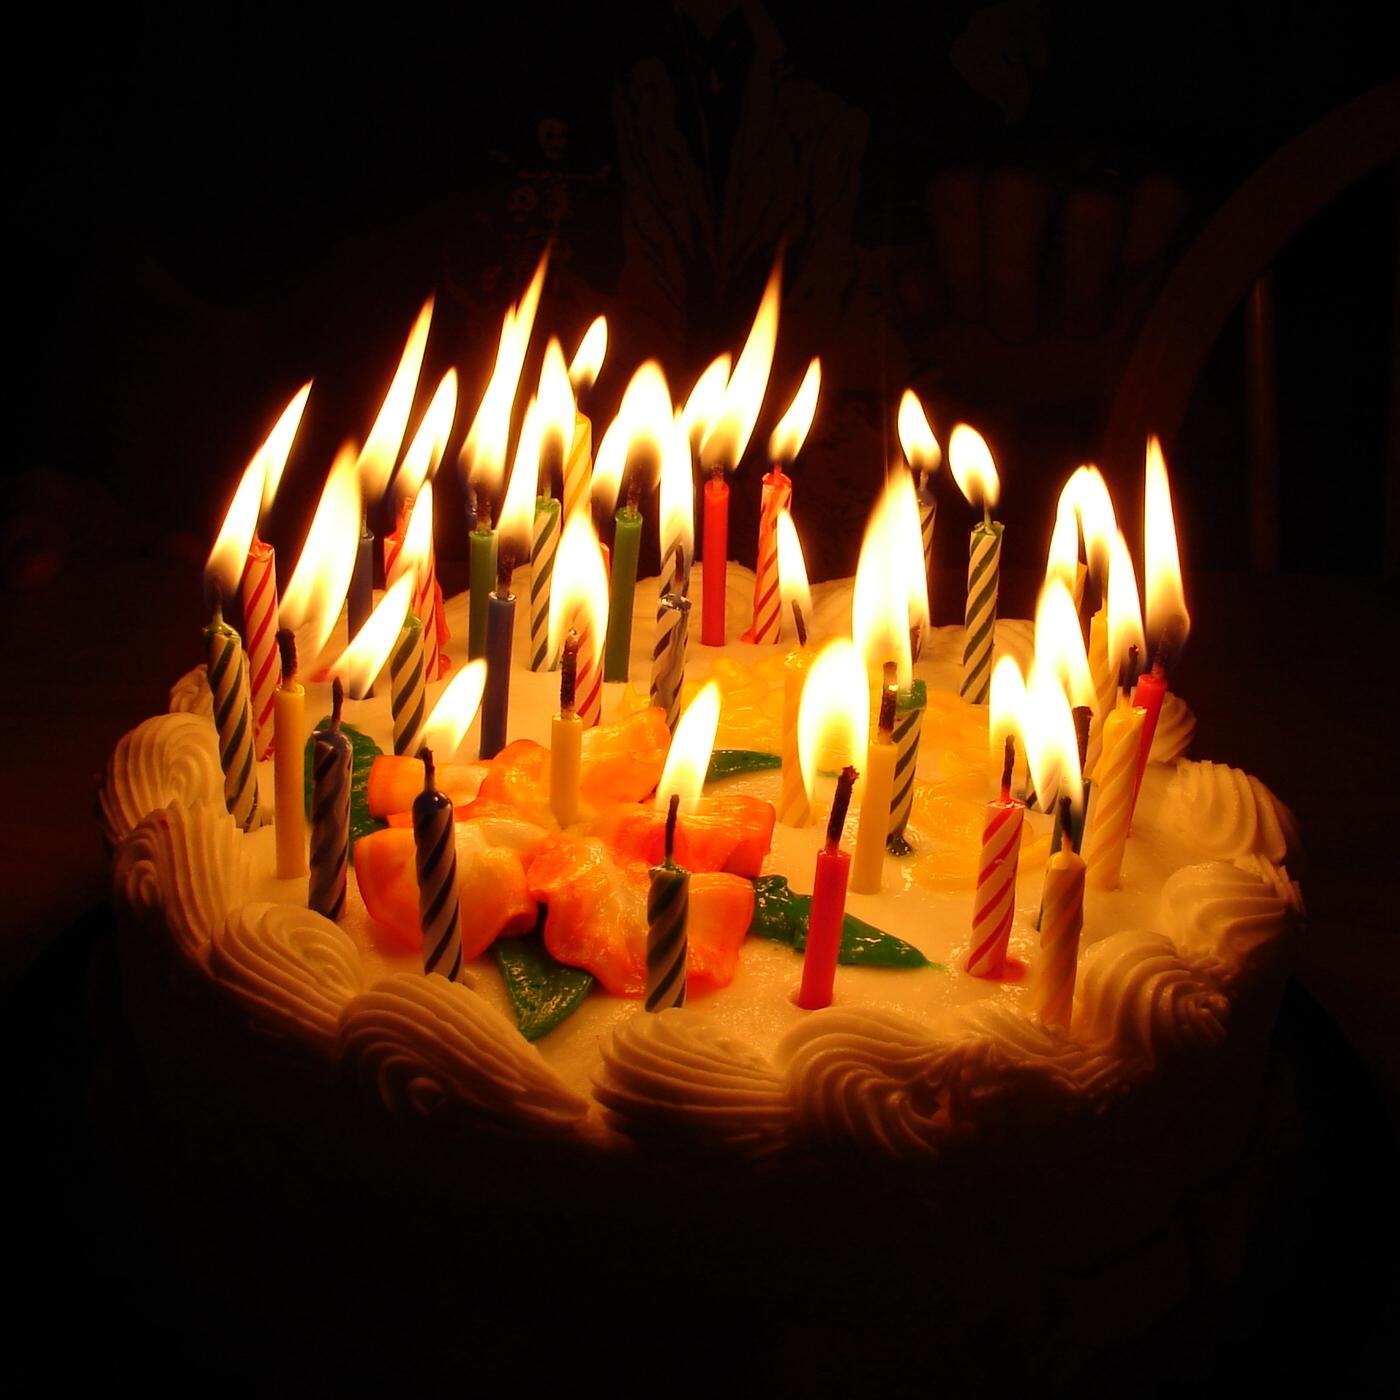 Торт со свечами открытка с днем рождения маме меня семья